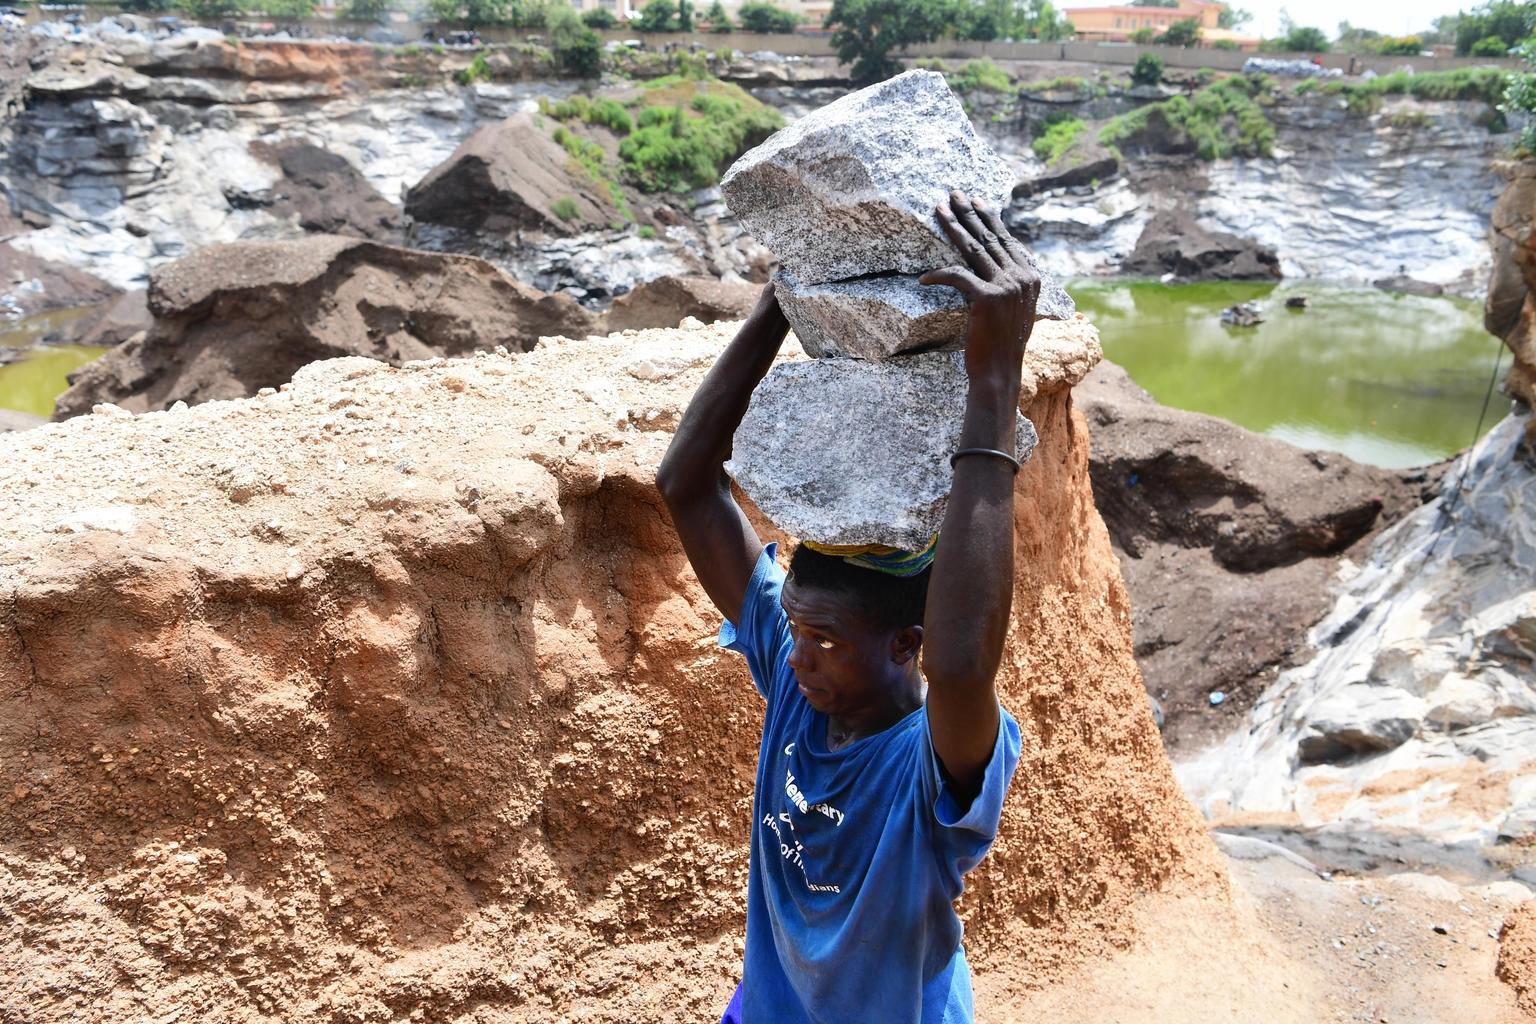 Et barn jobber som gruvearbeider utenfor hovedstaden Ouagadogou i Burkina Faso. Barnearbeiderne er mellom fem og 17 år gamle. ©UNICEF/Frank Dejongh